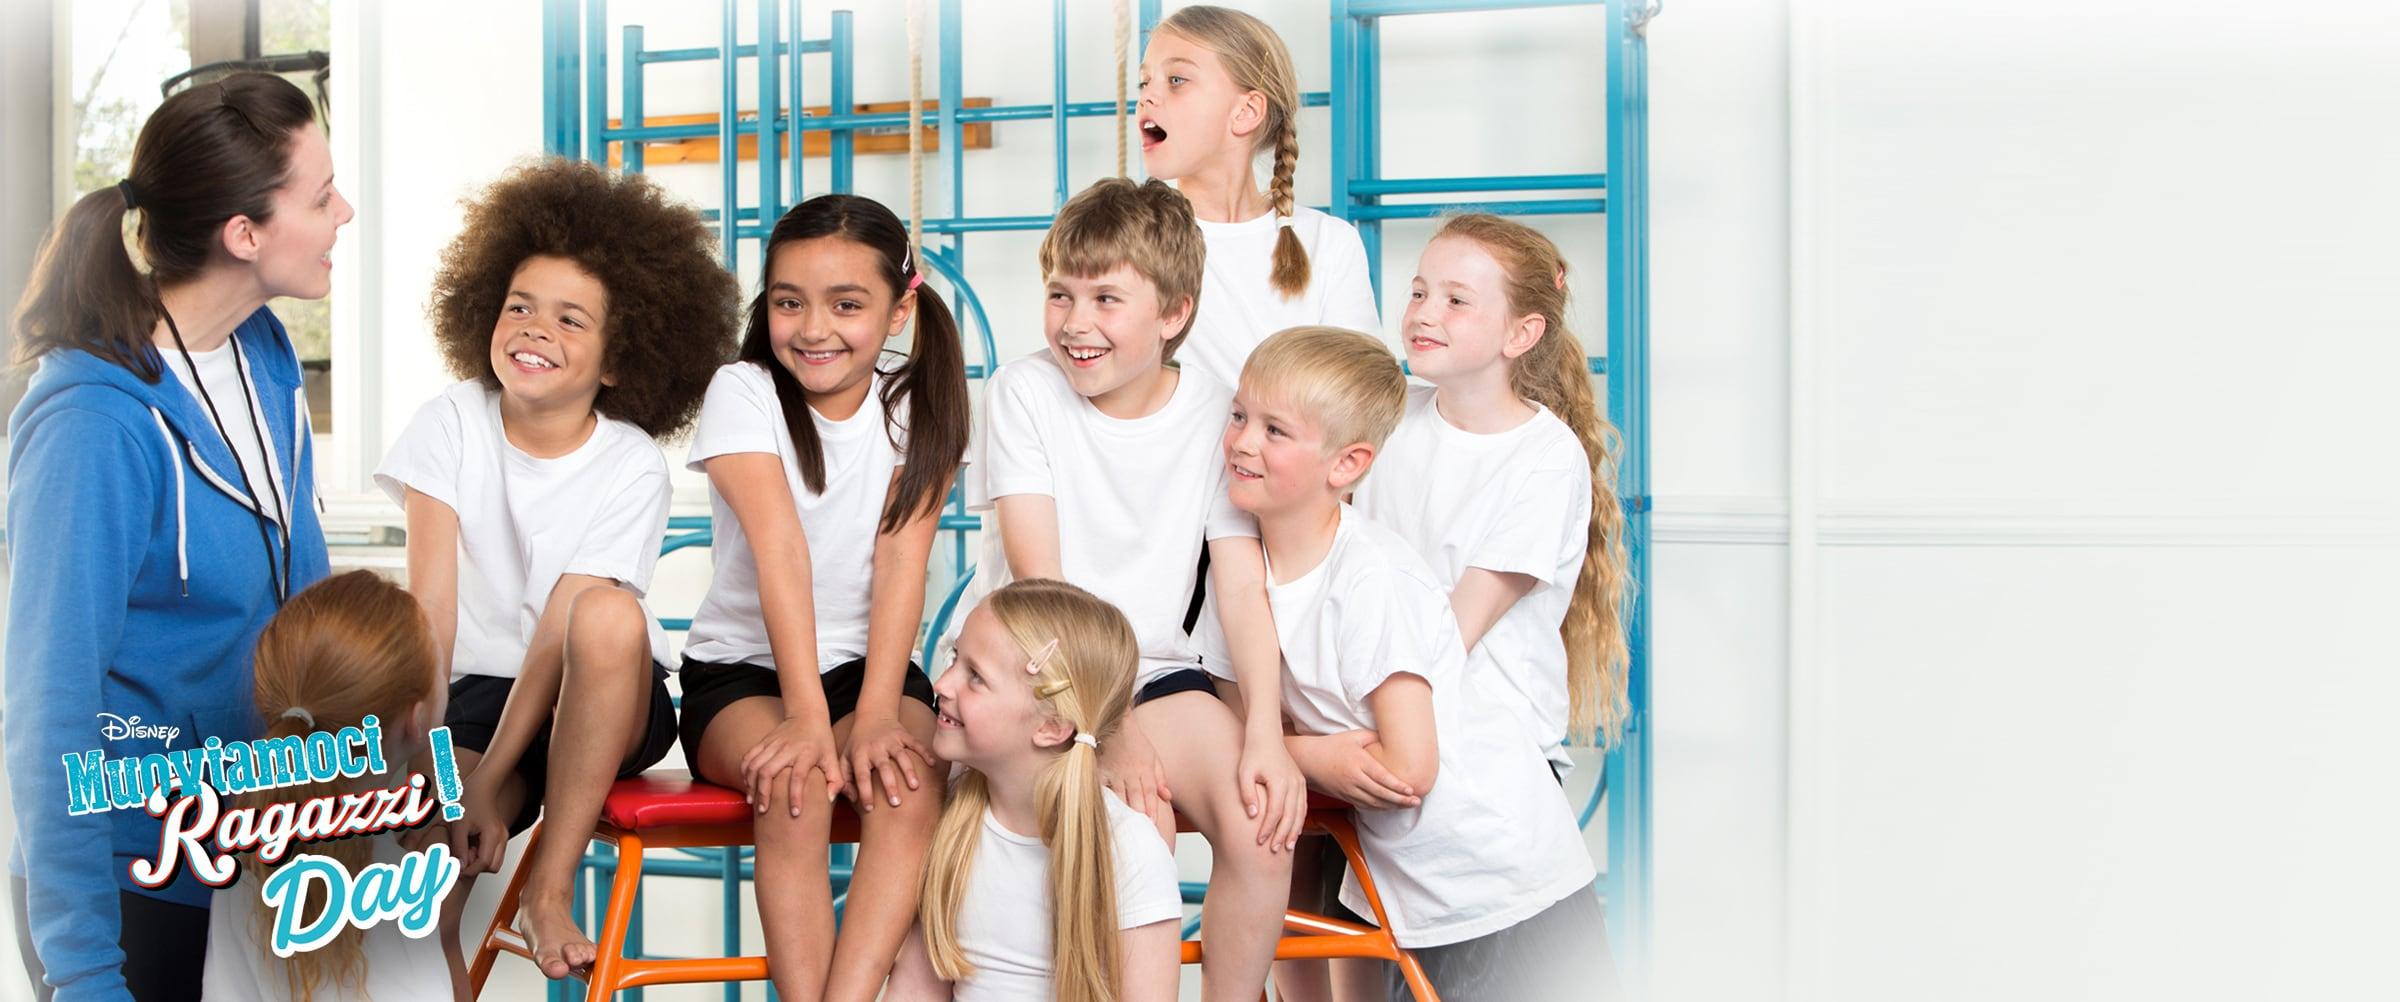 Muoviamoci ragazzi: fare sport e mangiare bene per essere felici anche a scuola